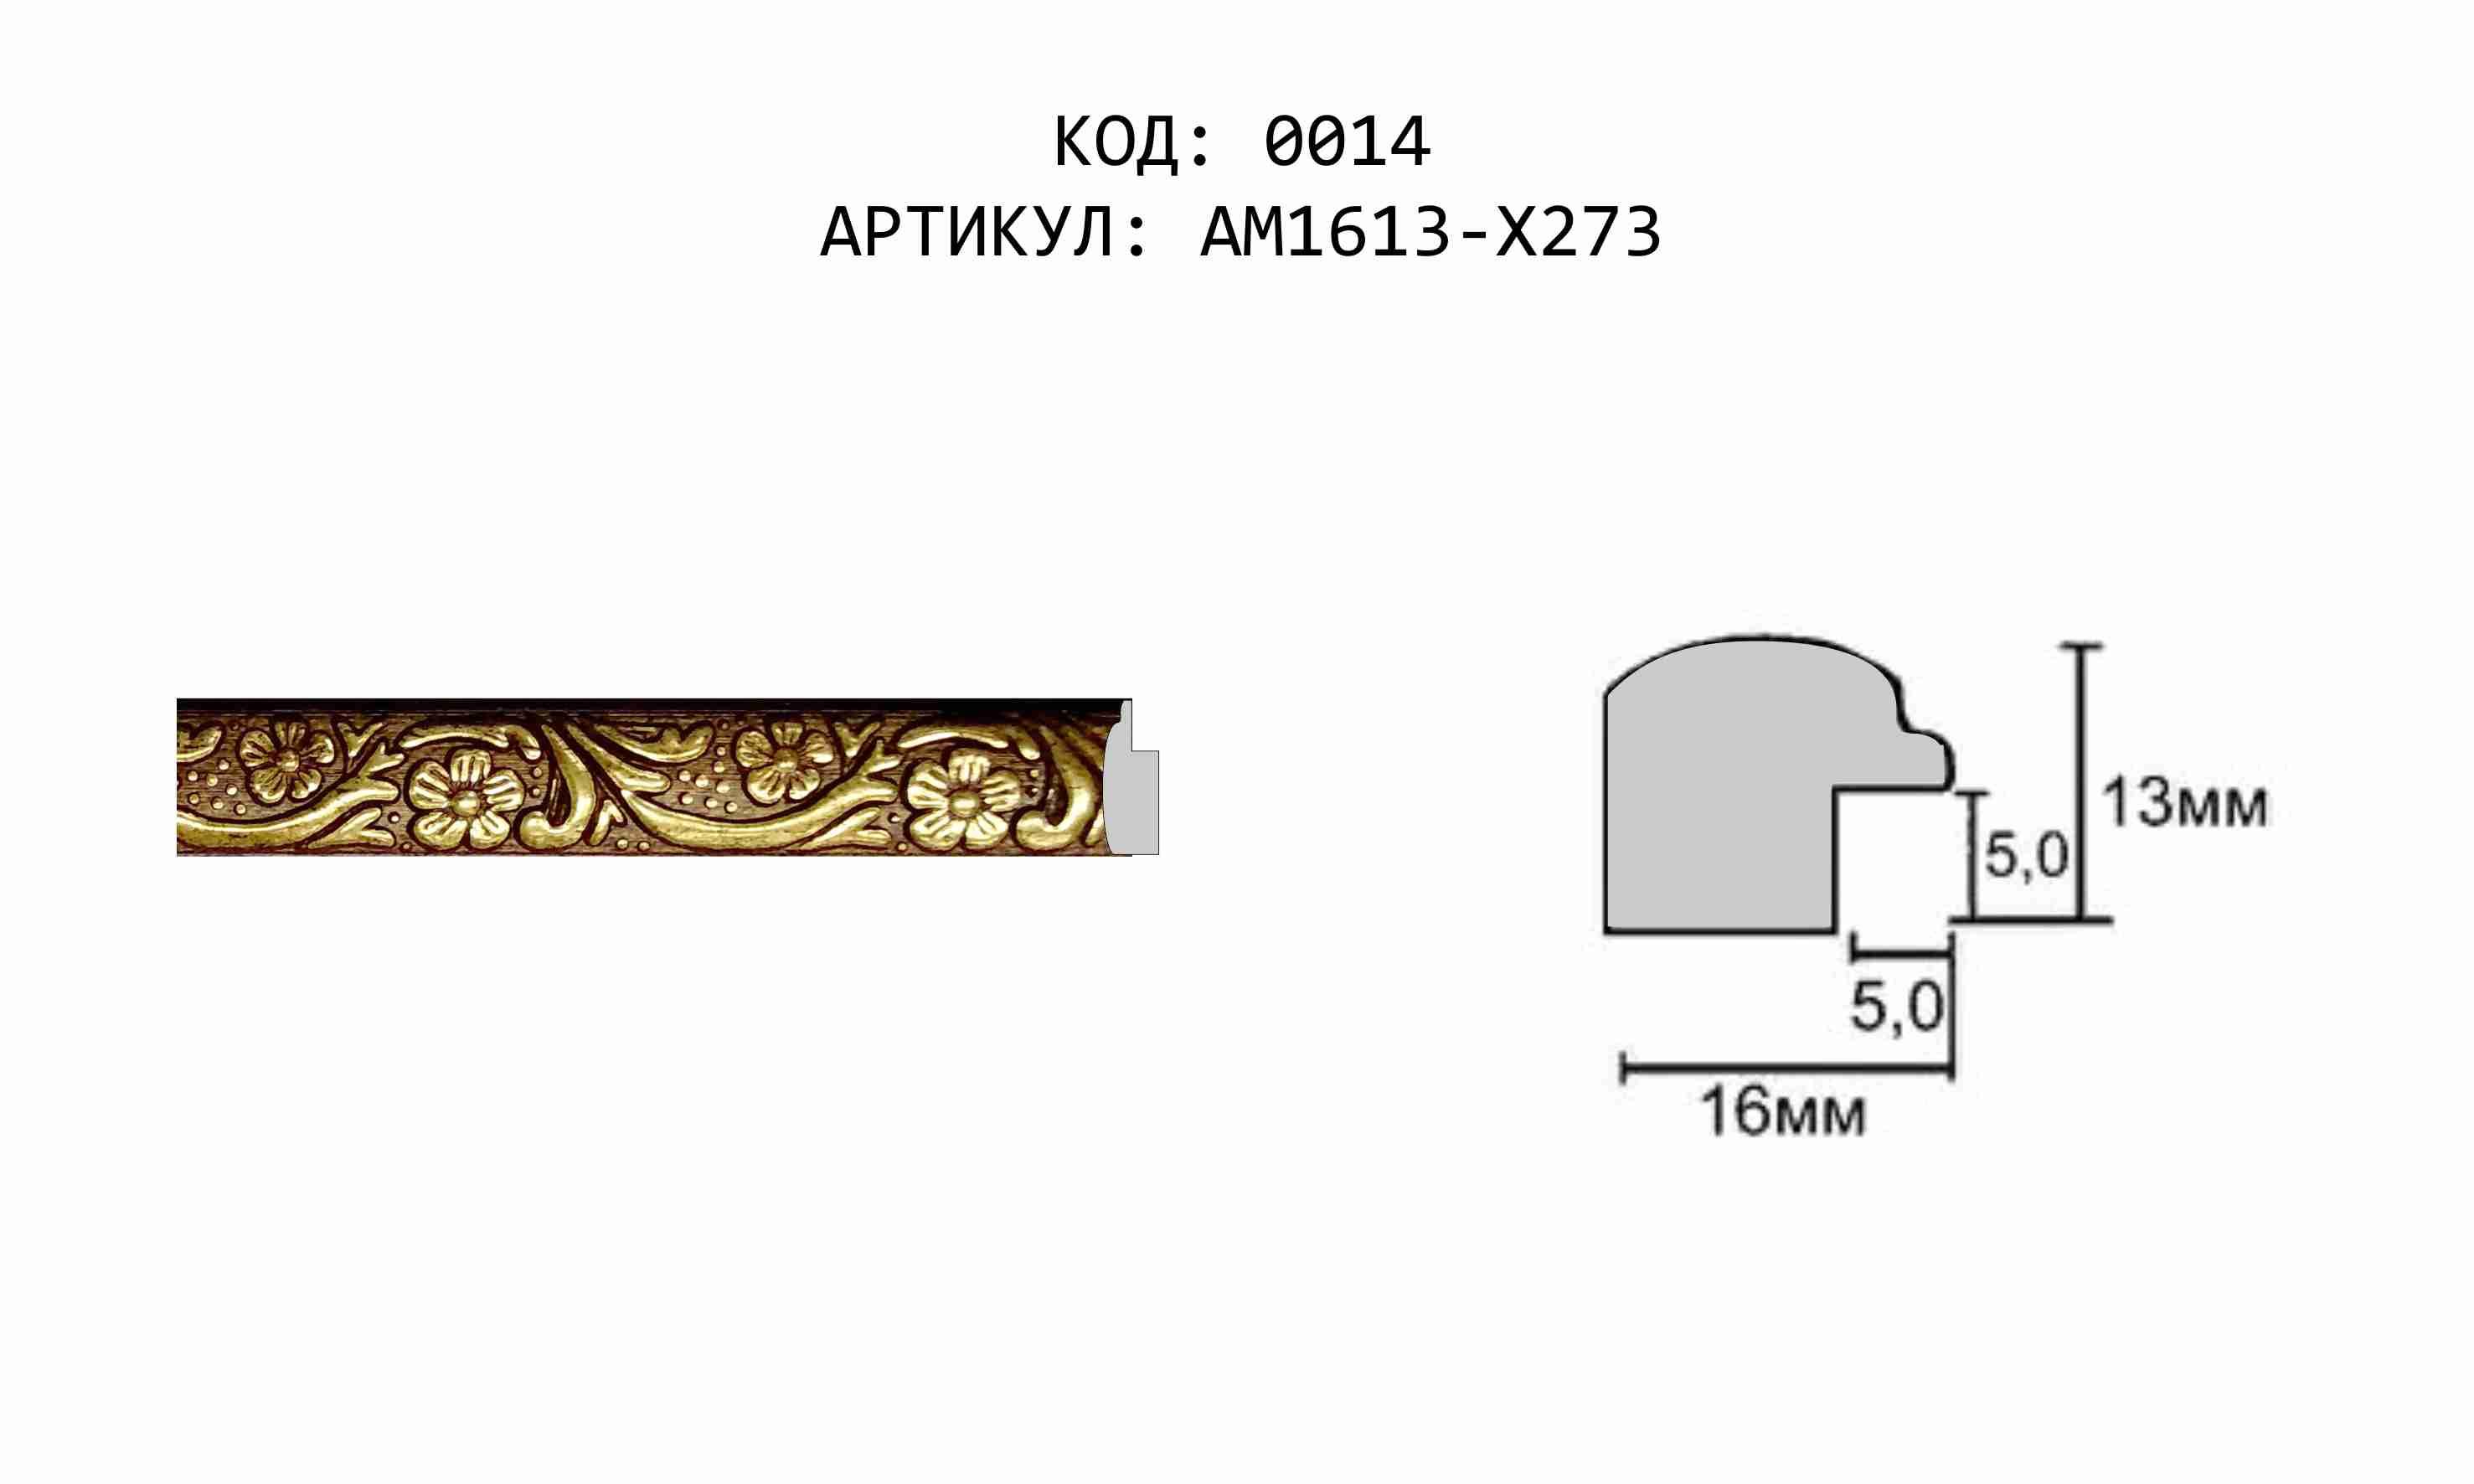 Артикул: AM1613-X273